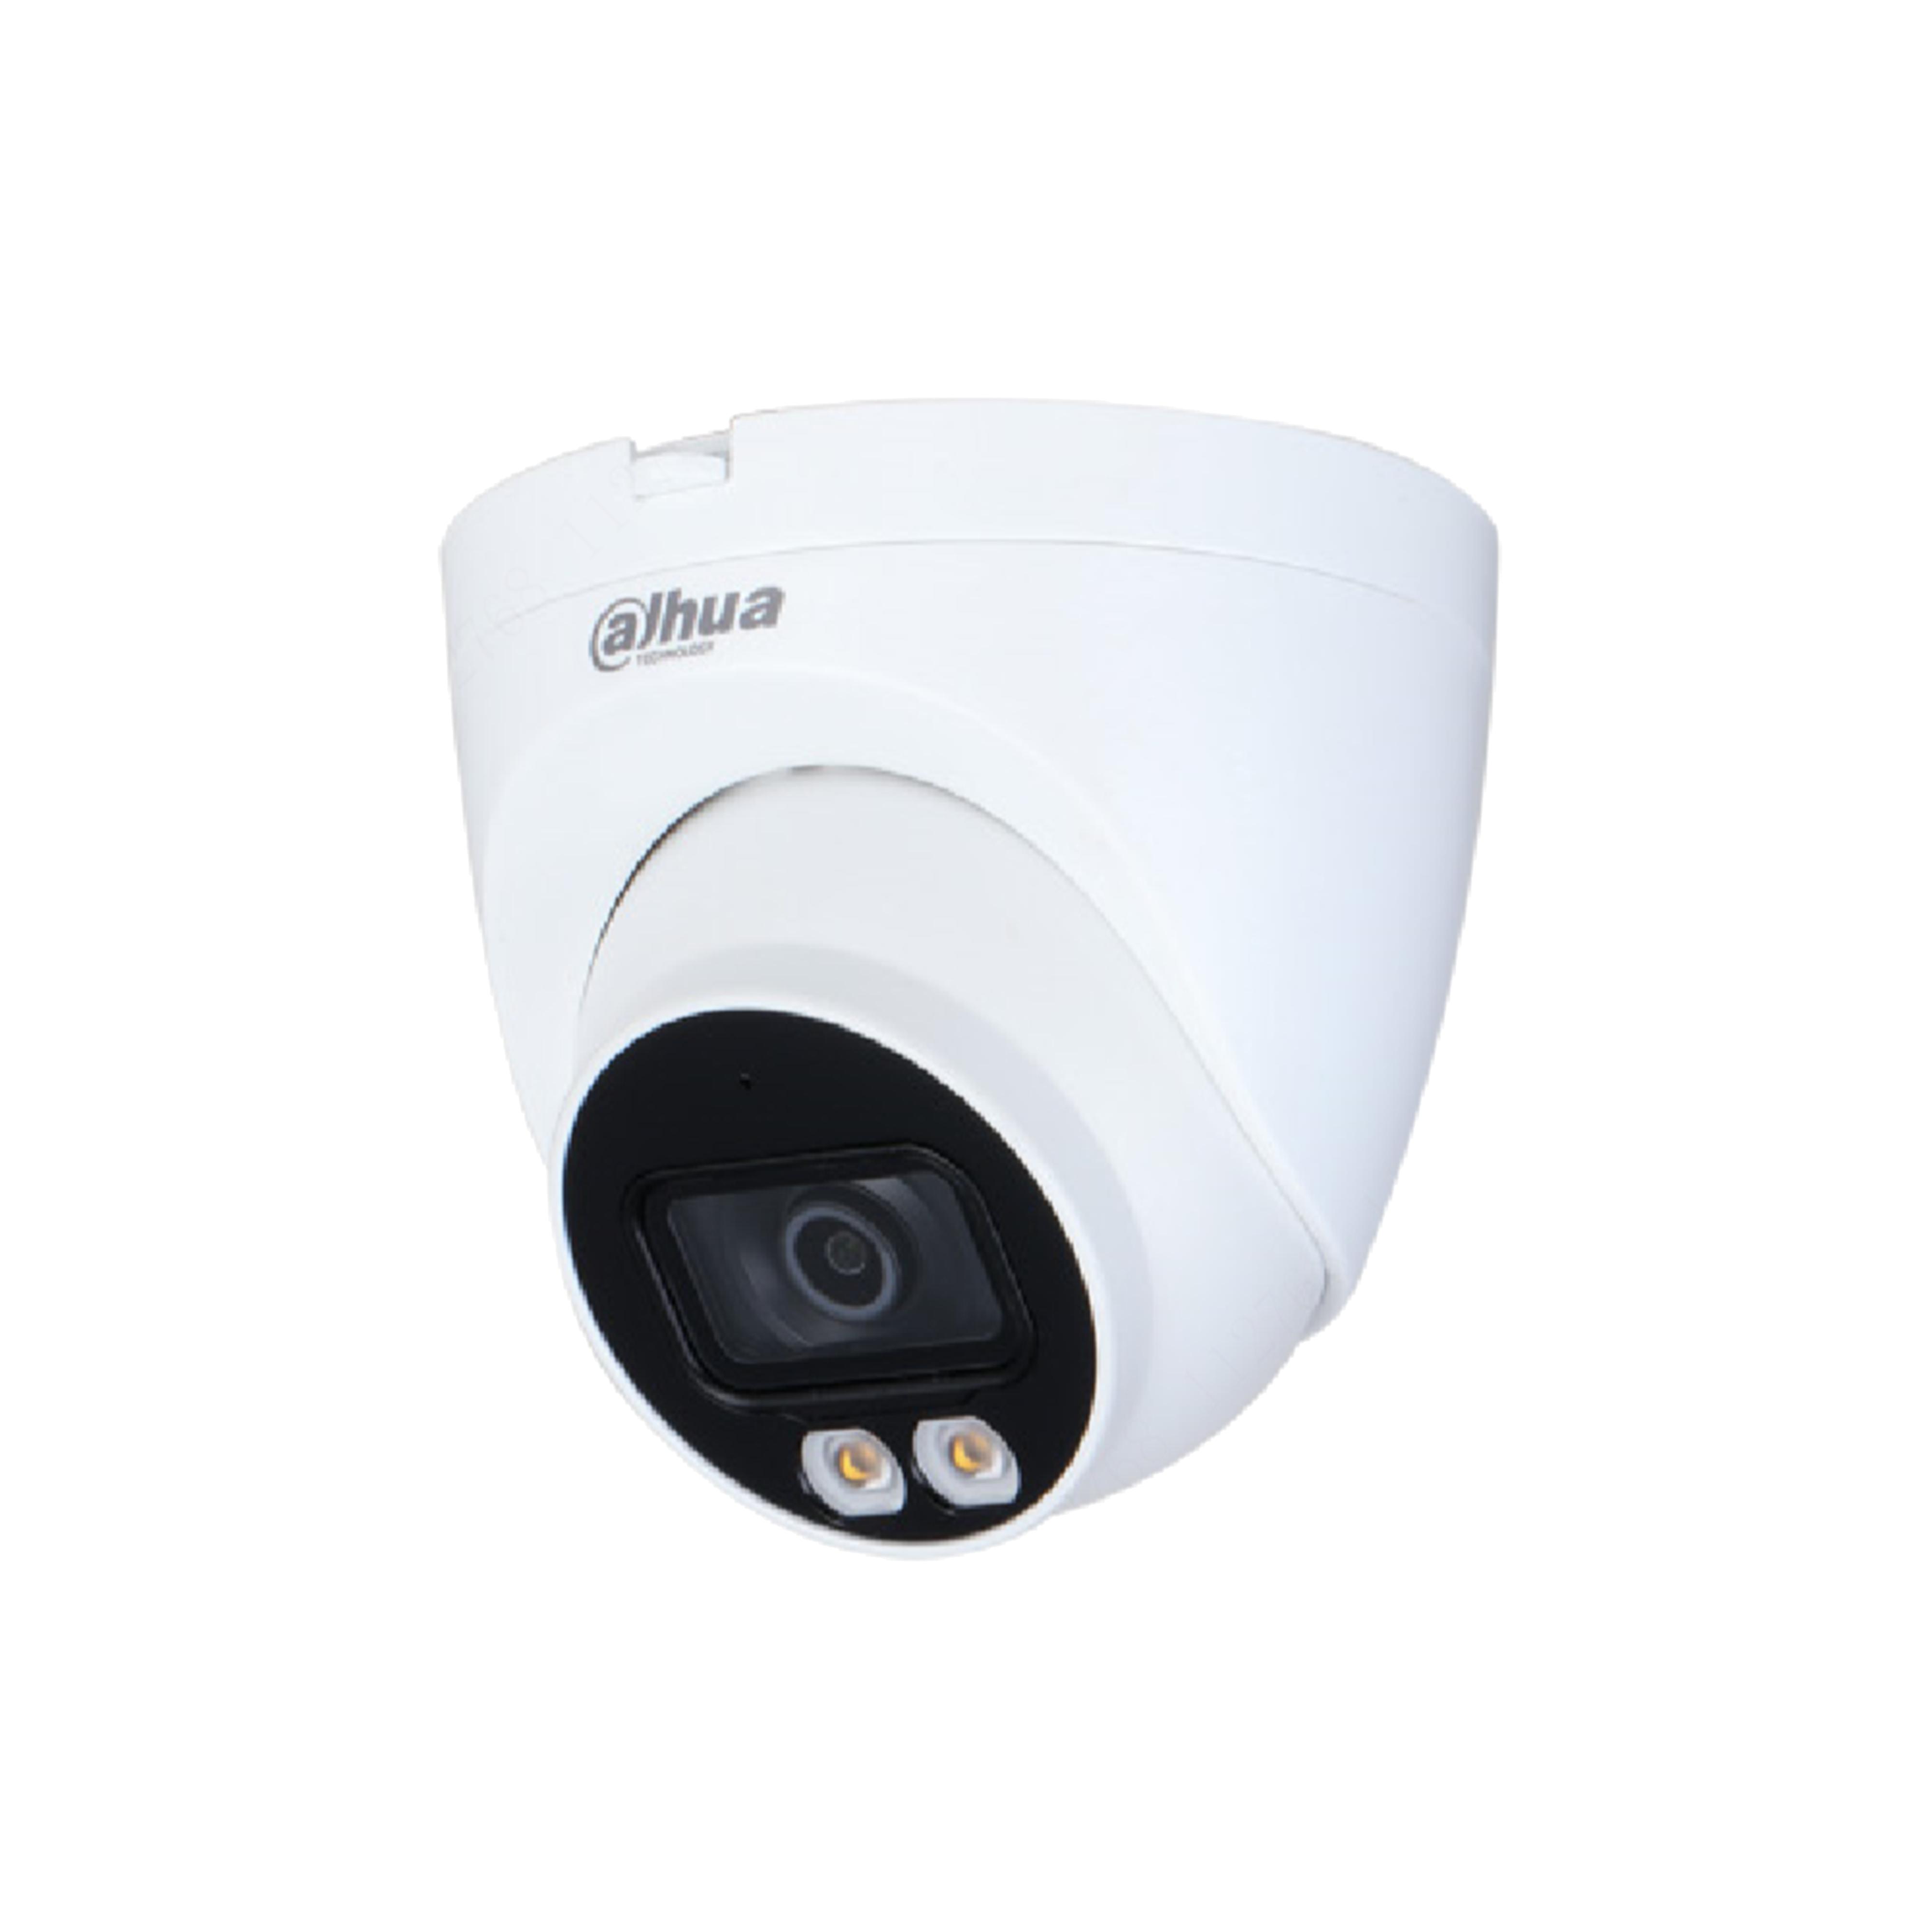 Купить 3 МП купольная  Wi-Fi видеокамера  с SD картой DH-IPC-HDBW1320E-W (3,6 мм)